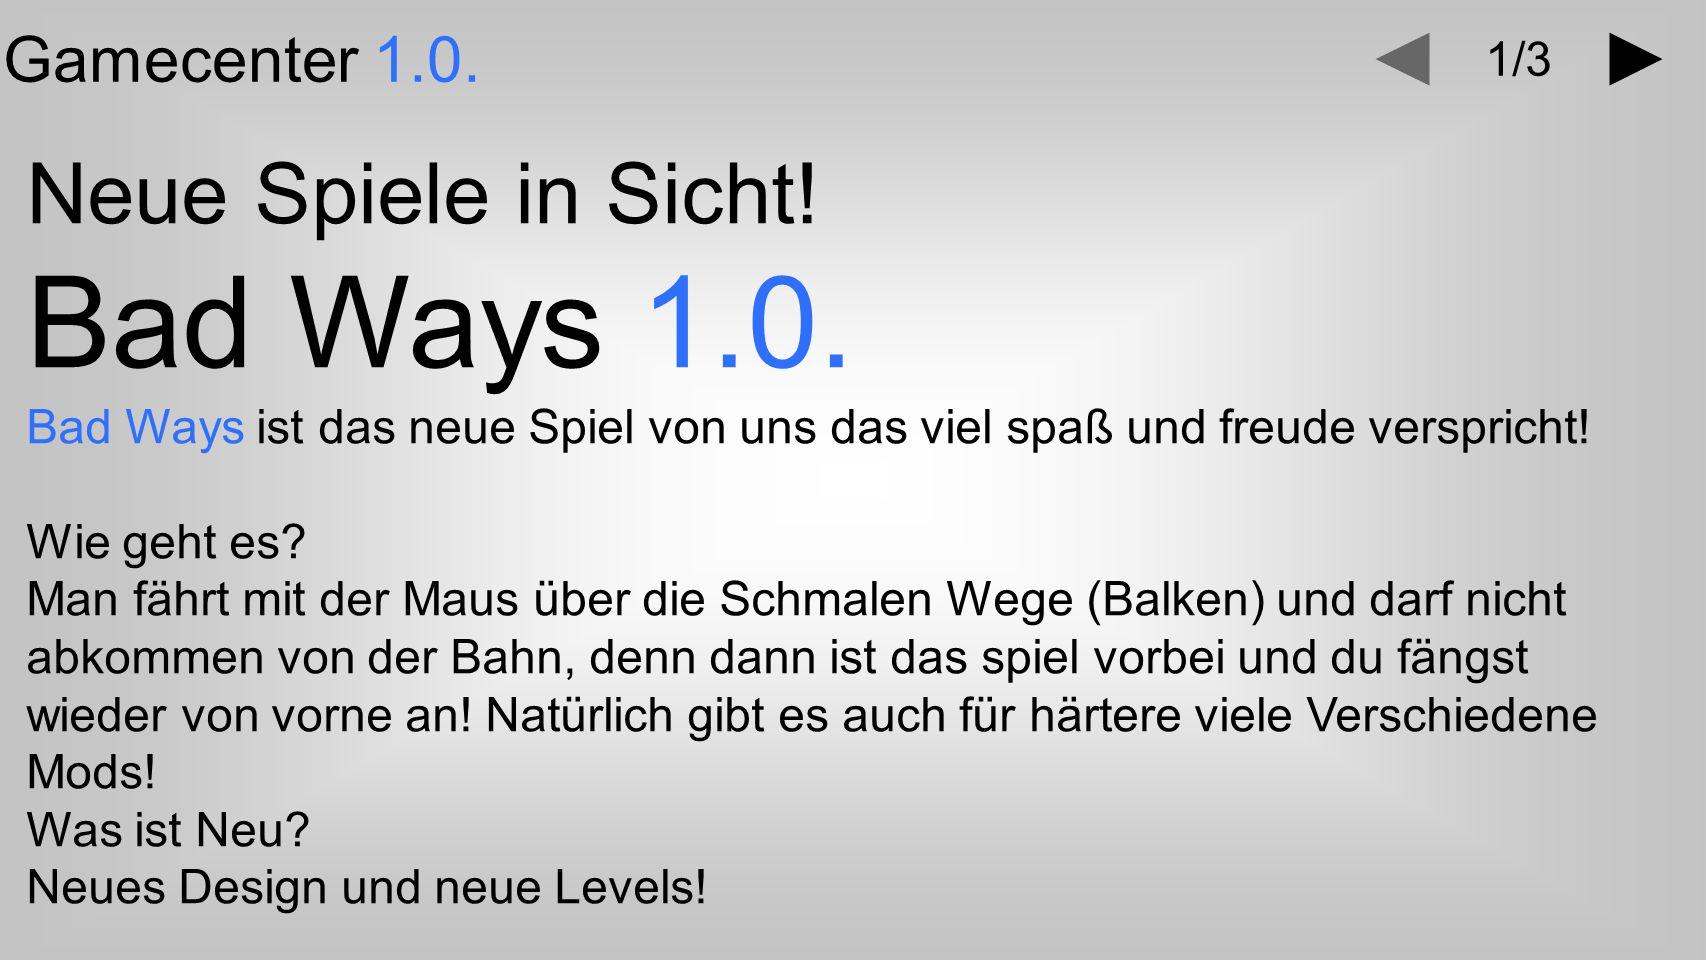 Text Gamecenter 1.0.Neue Spiele in Sicht. Touch right 1.0.